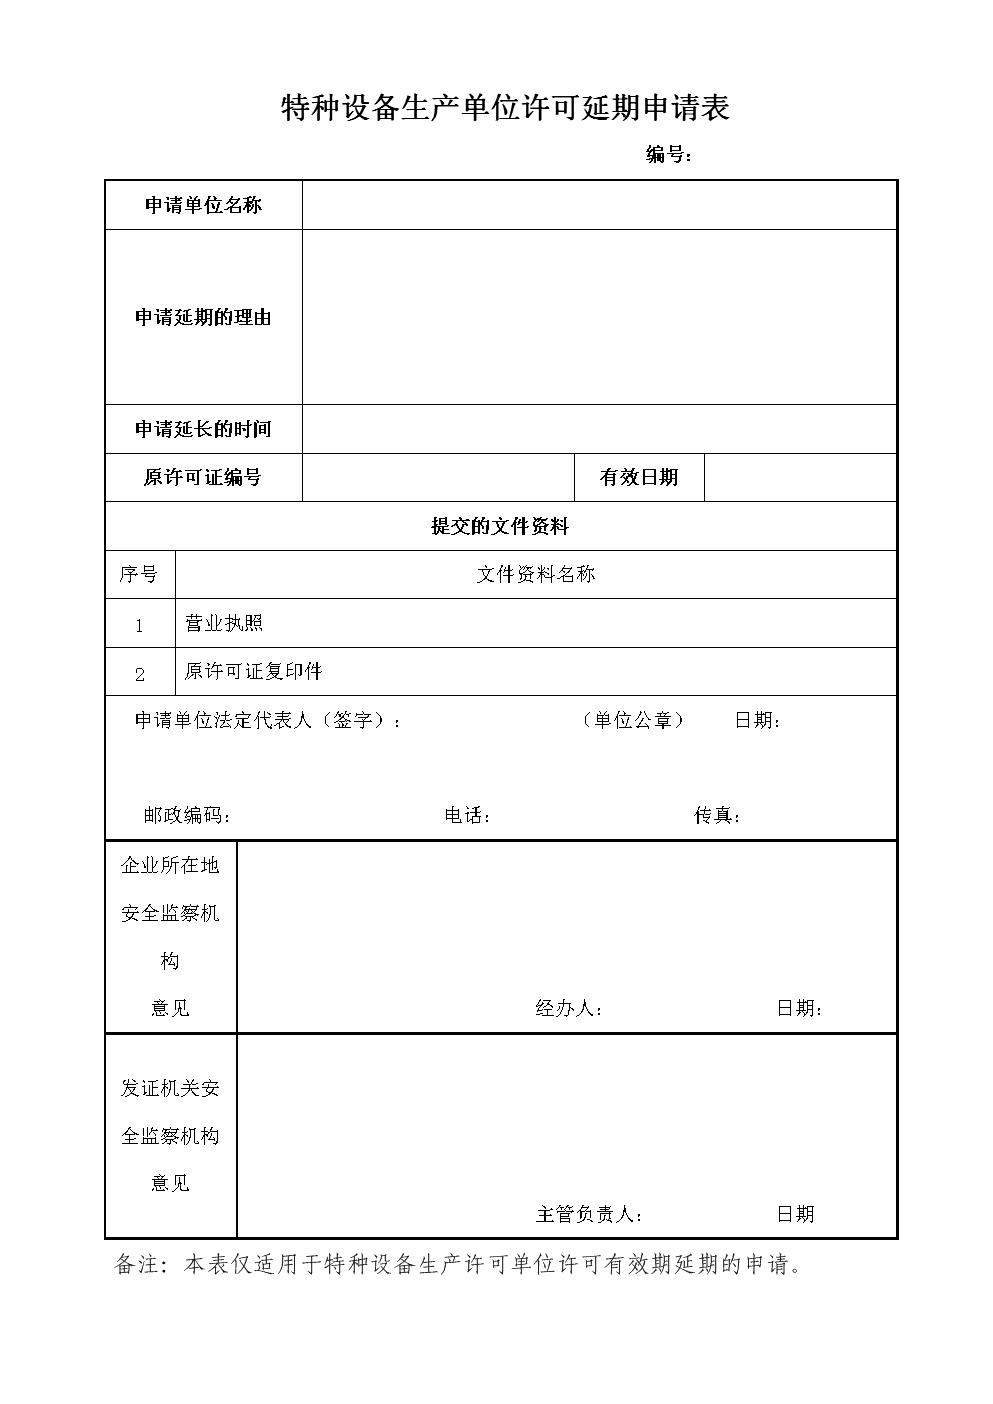 特种设备生产单位许可延期申请表.doc